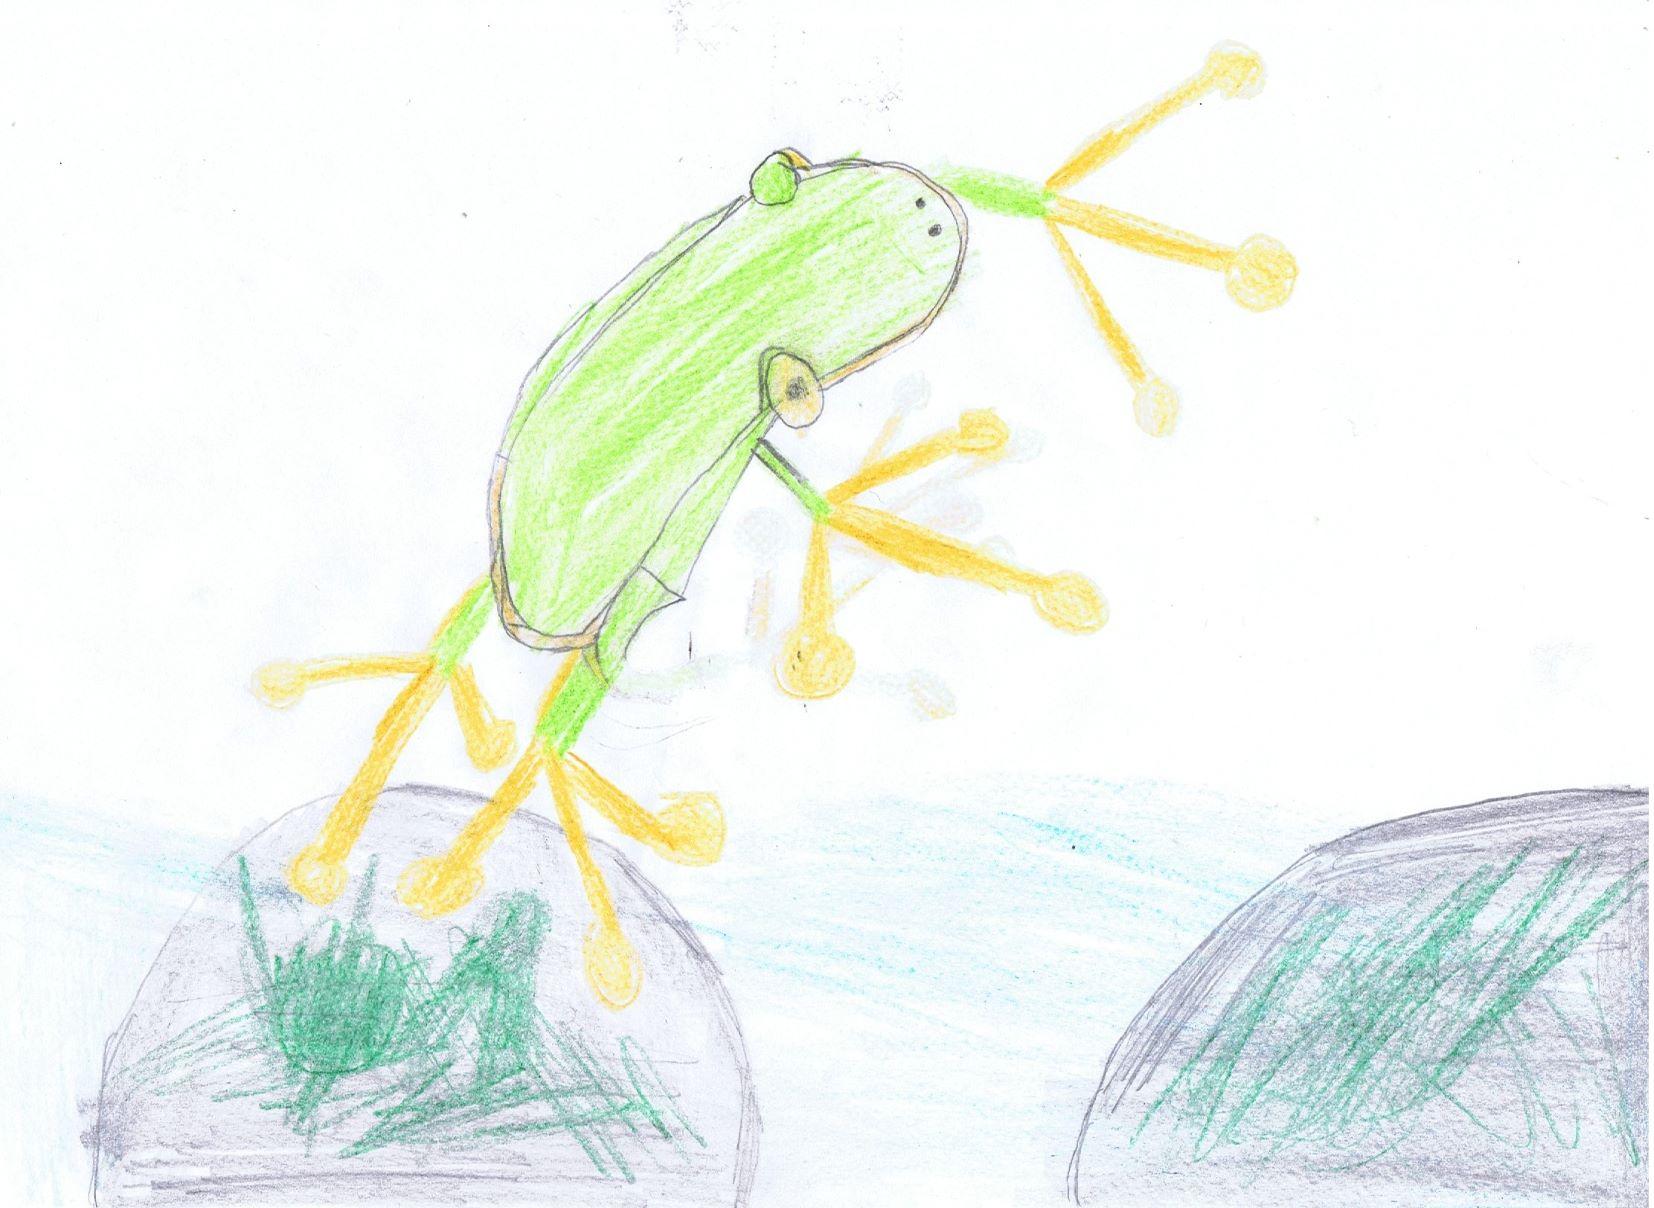 Wetterbericht vom Frosch - 9. Juli